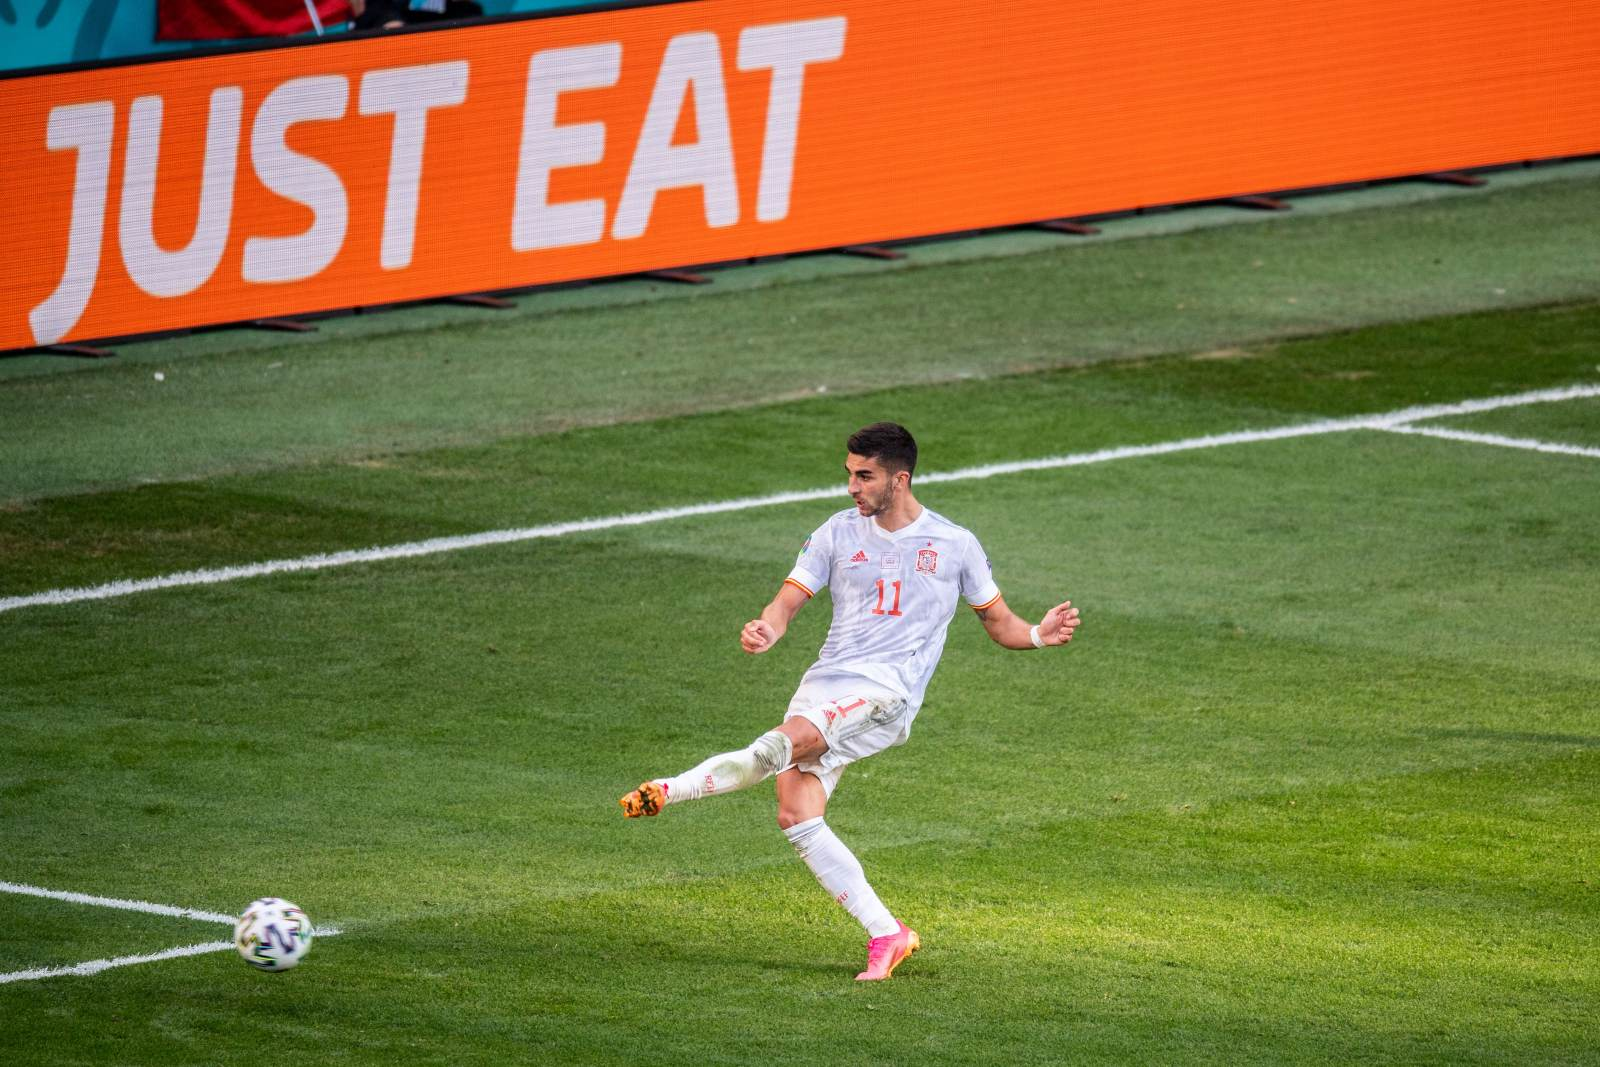 Ферран Торрес сравнялся по голам за сборную с Луисом Энрике